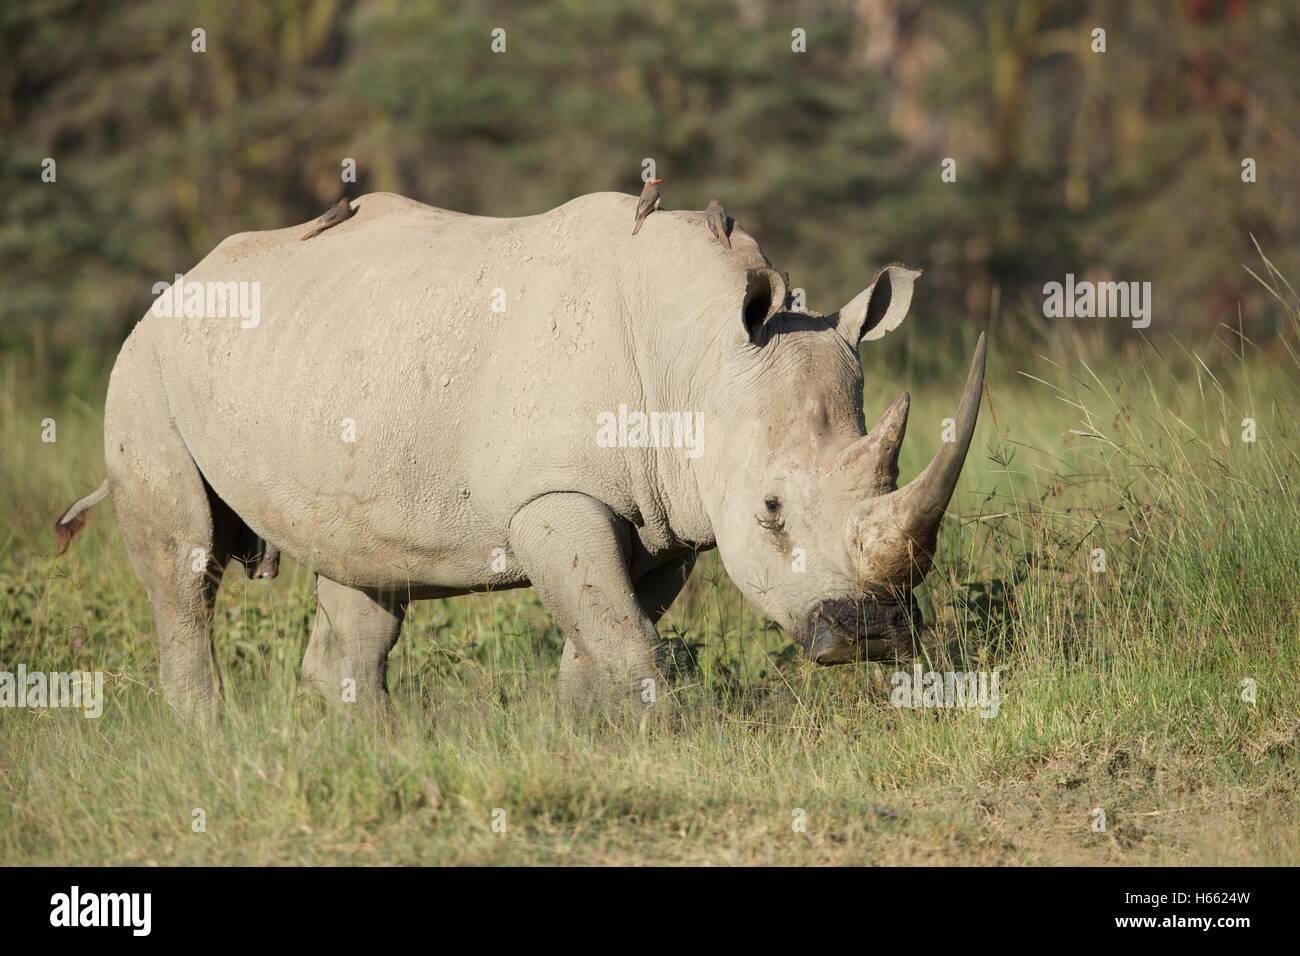 An endangered white rhino viewed on safari in Lake Nakuru, Kenya - Stock Image